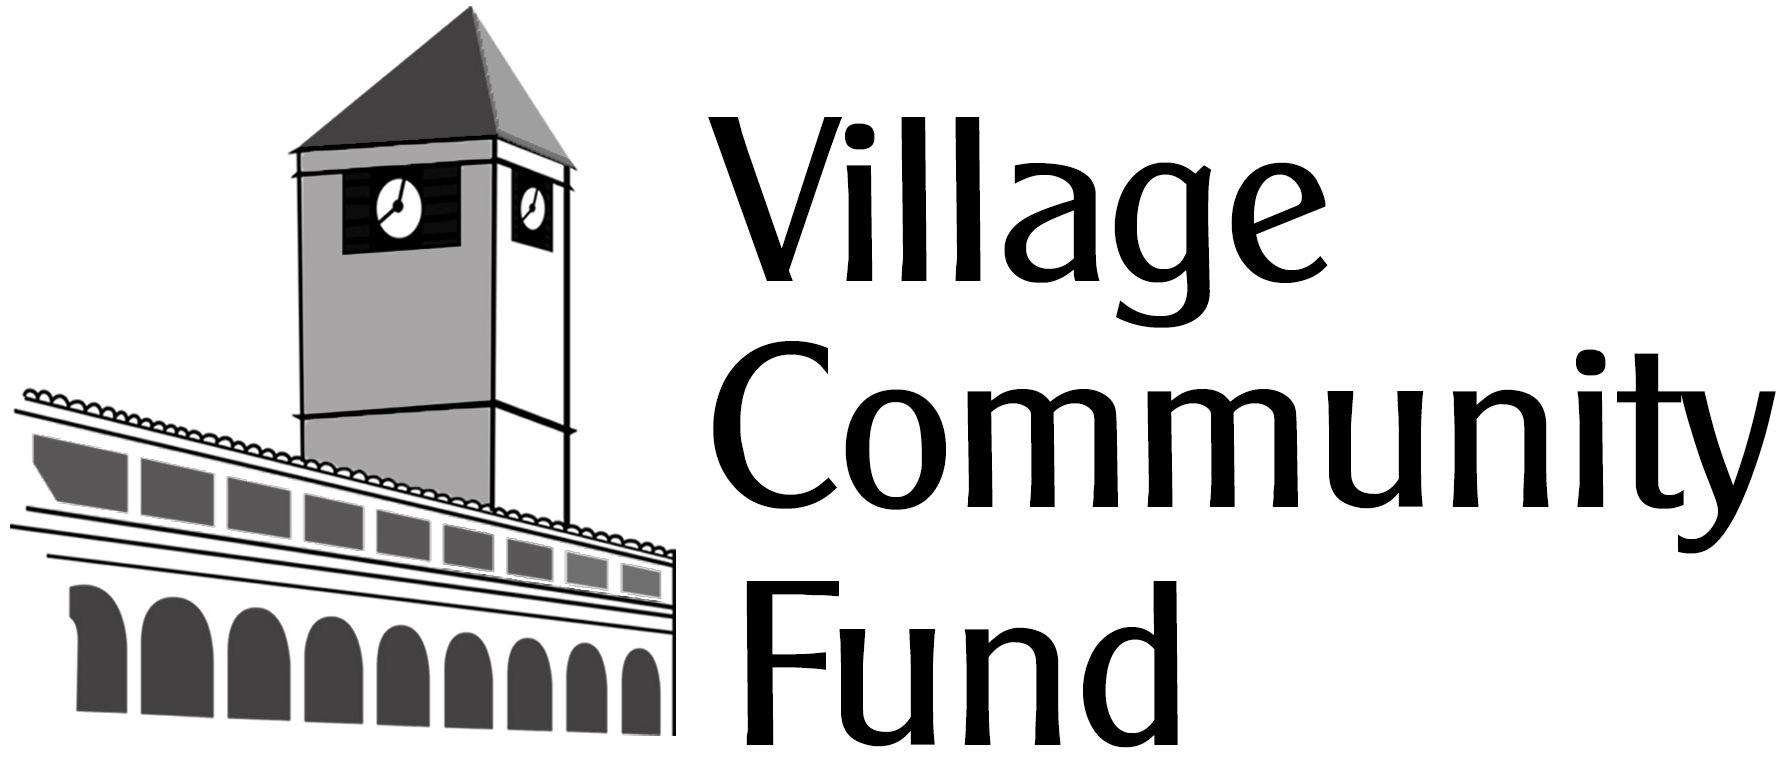 Village Community Fund